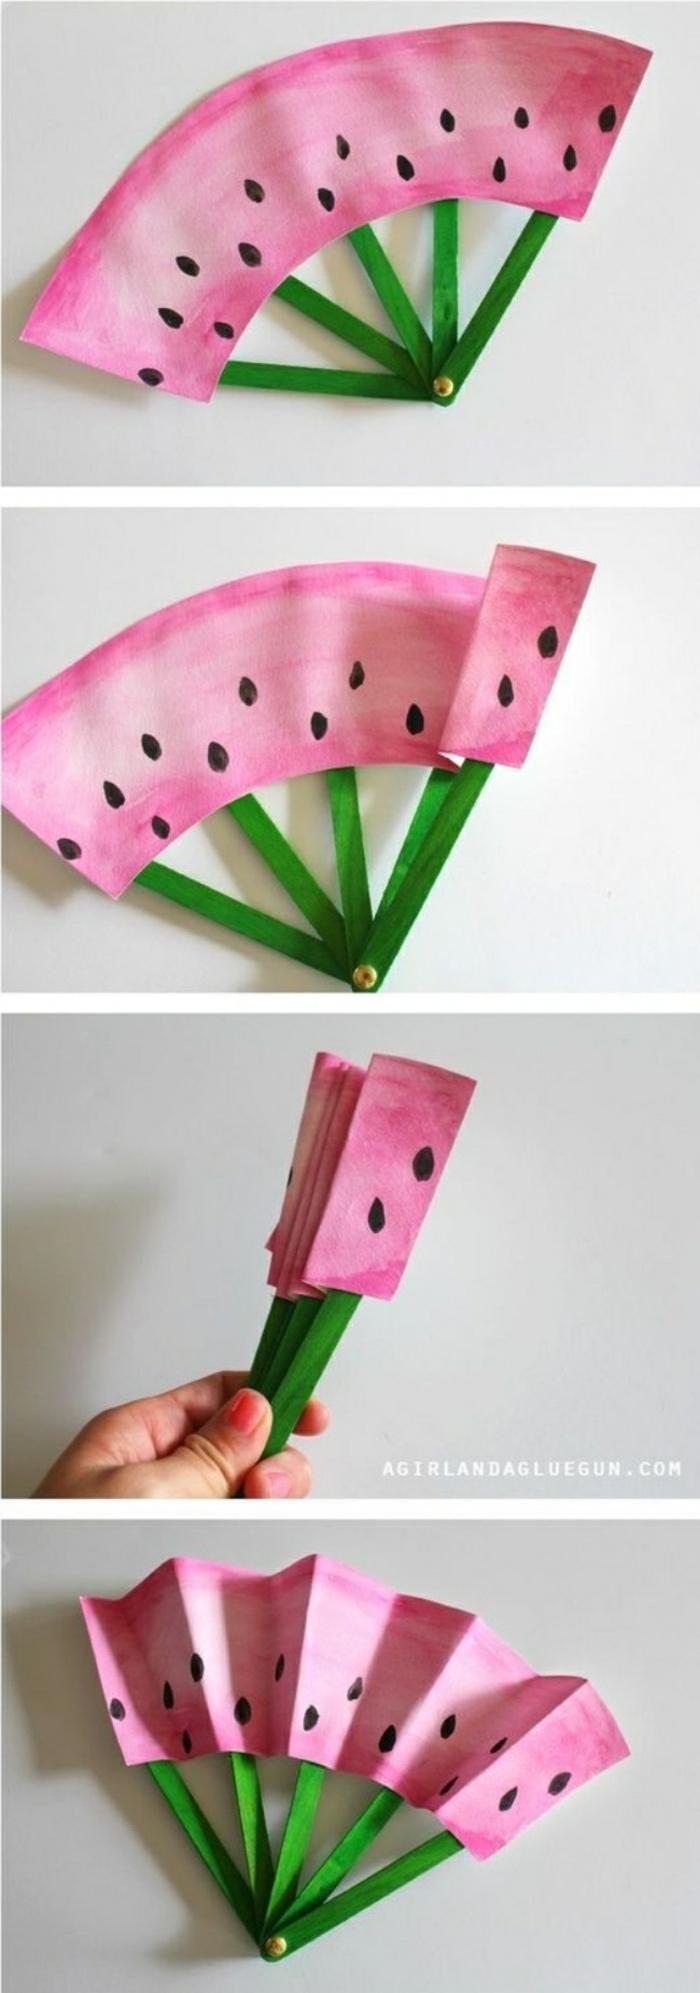 basteln mit kindern sommer ideen zum nachmachen, eine erfrischung in form von wassermelone, basteln mit papier